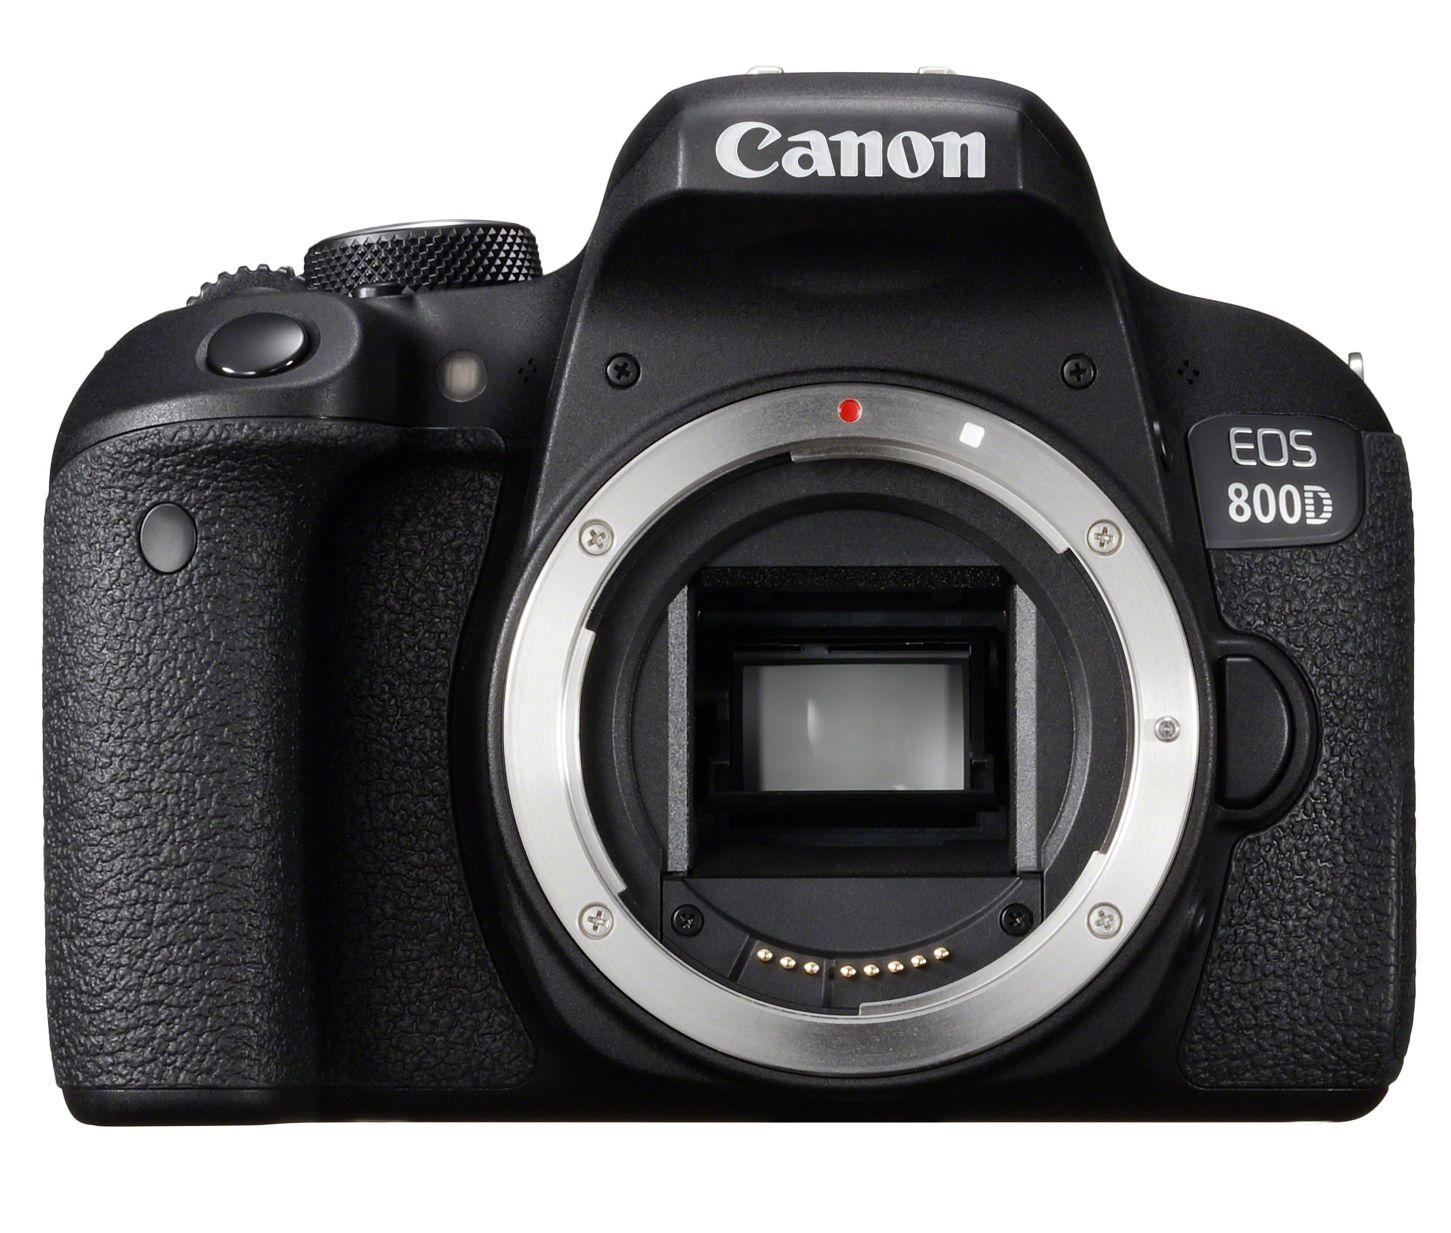 Appareil Photo Numérique Reflex Canon EOS 800D + Objectif 18-55 mm + 48,89€ en Super Points